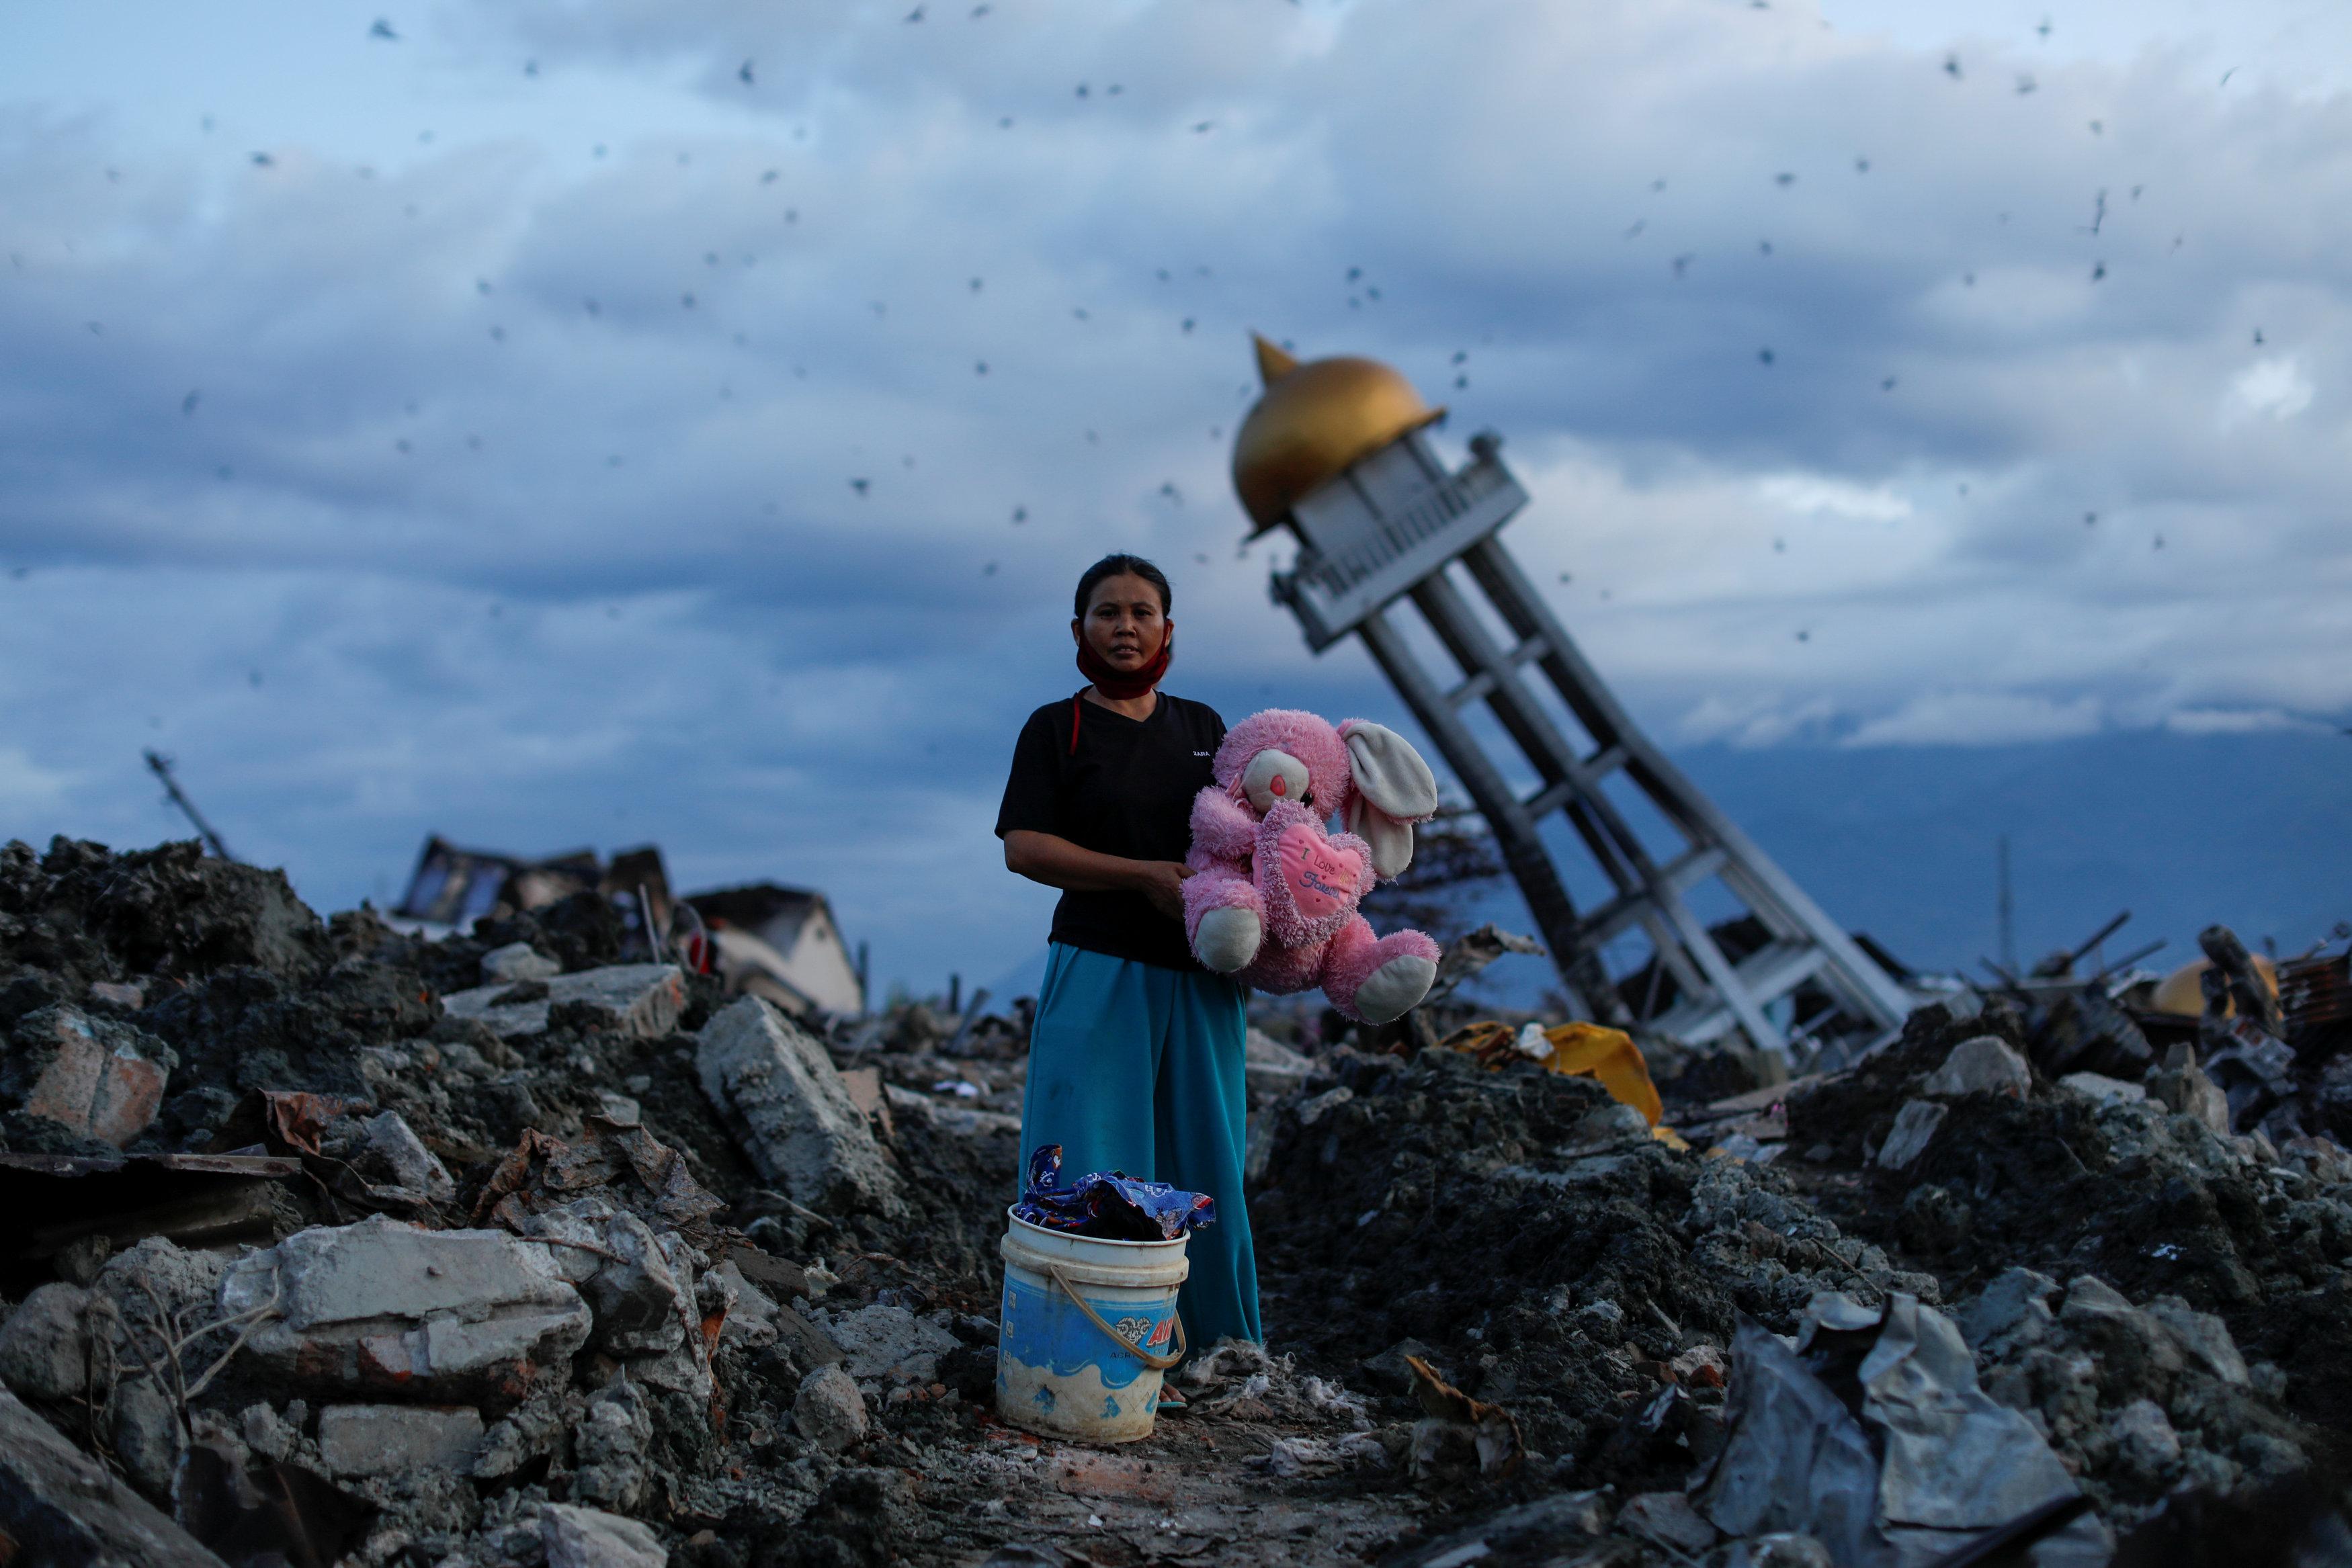 مواطنة إندونيسية تحمل دبدوب